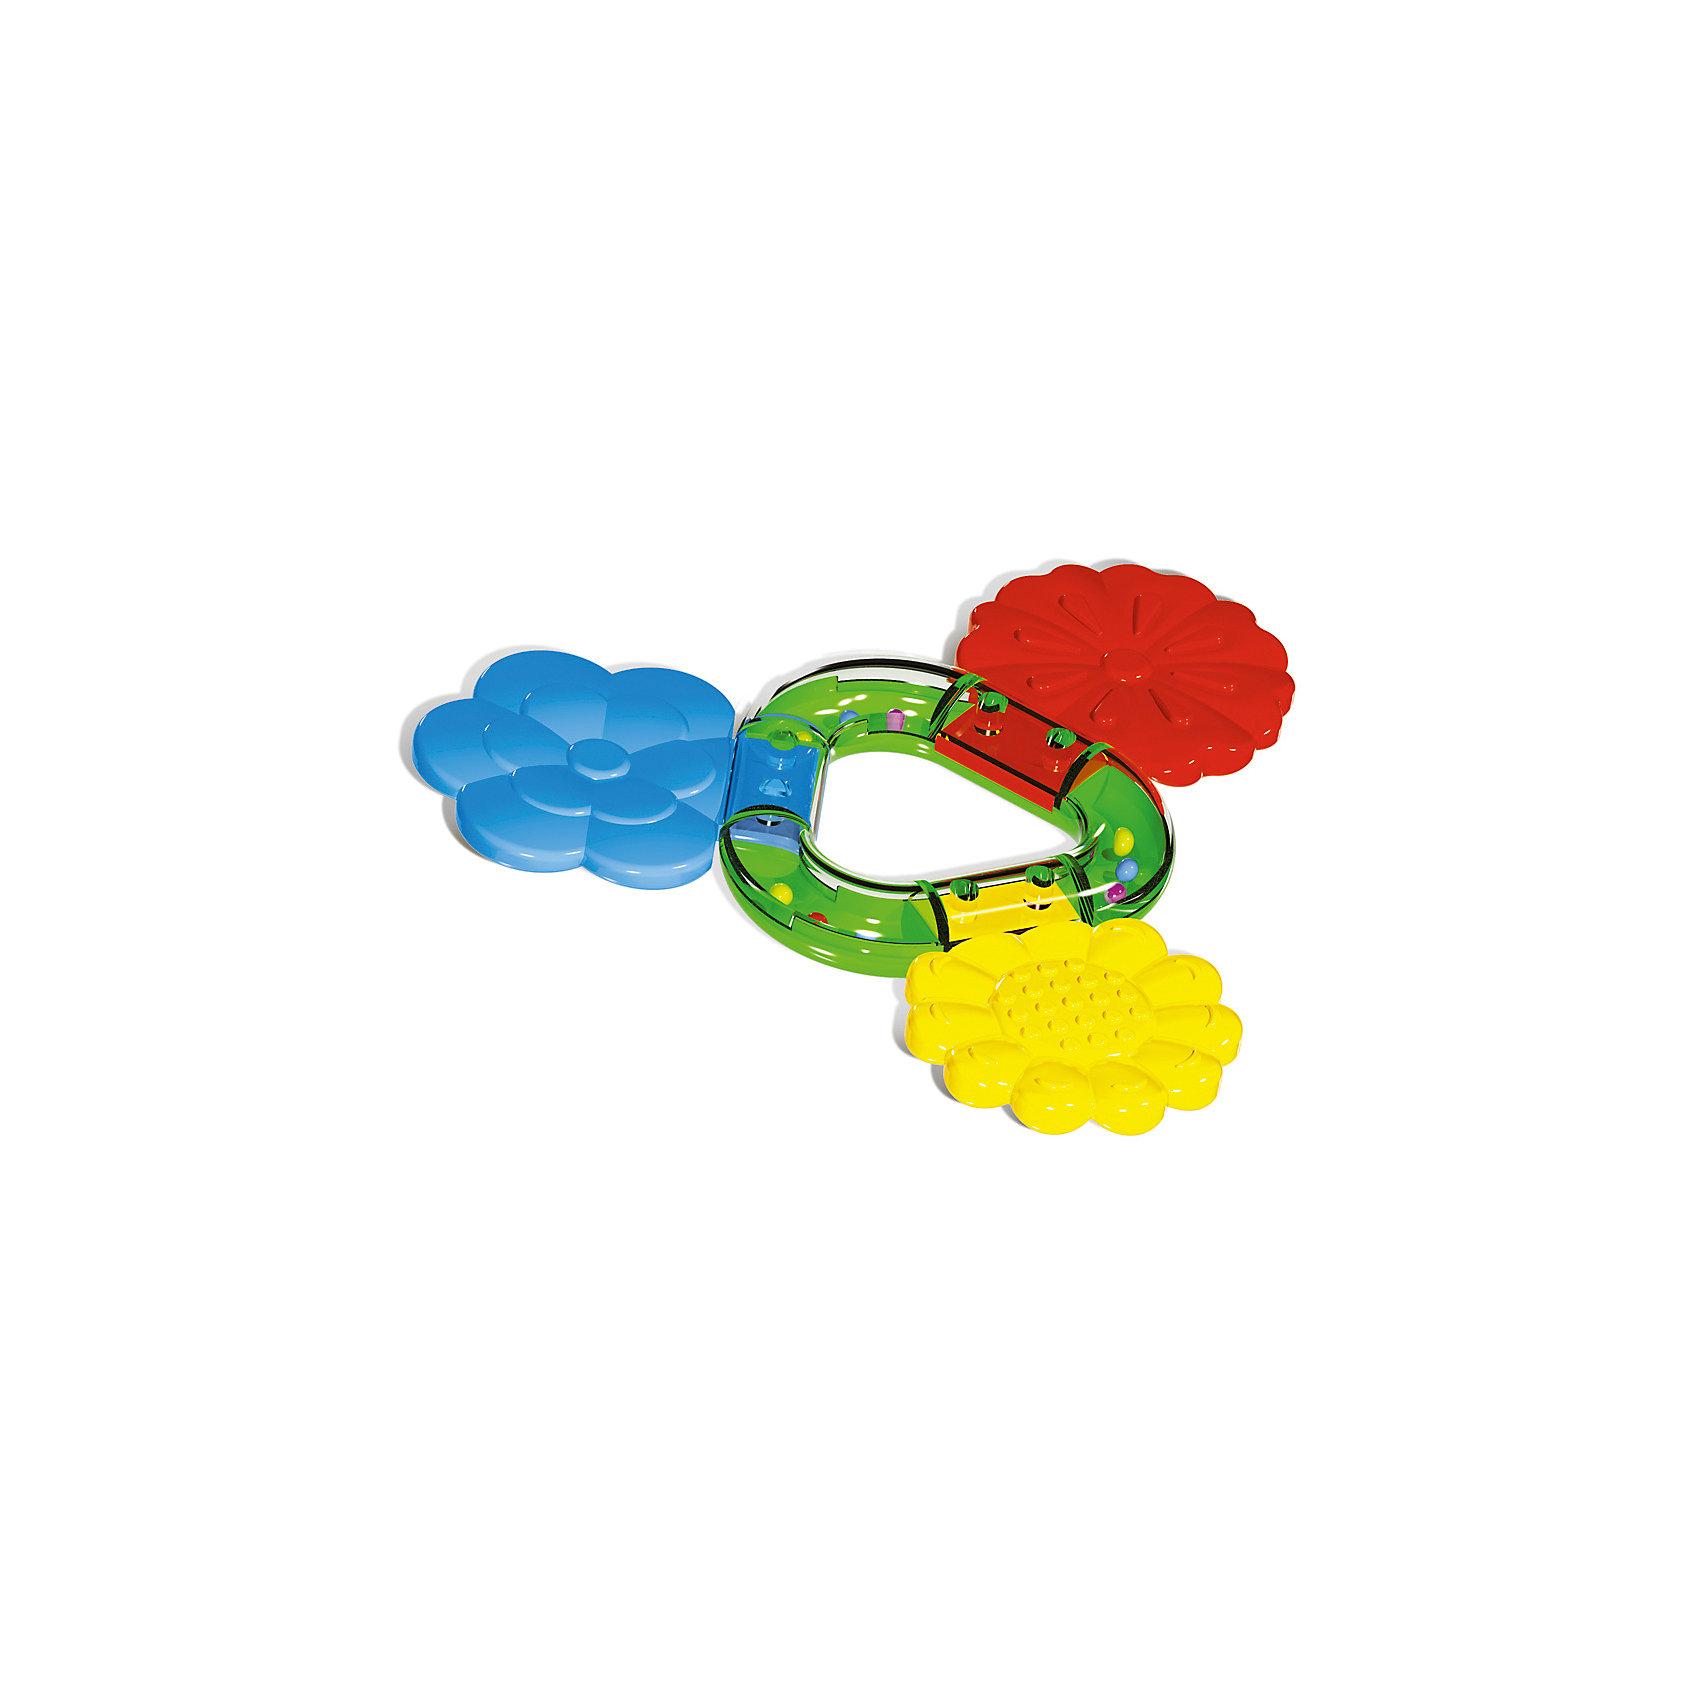 Прорезыватель Букетик, StellarПрорезыватели<br>Характеристики товара:<br><br>- цвет: разноцветный;<br>- материал: пластик;<br>- размер: 13х2х14 см.<br><br>Детский яркий прорезыватель – отличный подарок для ребенка. В процессе игры с ним ребенок развивает моторику, тактильное восприятие, воображение, внимание и координацию движений, слуховые навыки. Этот прорезыватель сделан специально для маленьких ручек ребёнка. <br>Такая игрушка позволит облегчить для малыша и мамы процесс прорезания зубов и уменьшить неприятные ощущения. Изделие произведено из качественных материалов, безопасных для ребенка.<br><br>Прорезыватель Букетик от бренда Stellar можно купить в нашем интернет-магазине.<br><br>Ширина мм: 145<br>Глубина мм: 15<br>Высота мм: 250<br>Вес г: 45<br>Возраст от месяцев: -2147483648<br>Возраст до месяцев: 2147483647<br>Пол: Унисекс<br>Возраст: Детский<br>SKU: 5079966